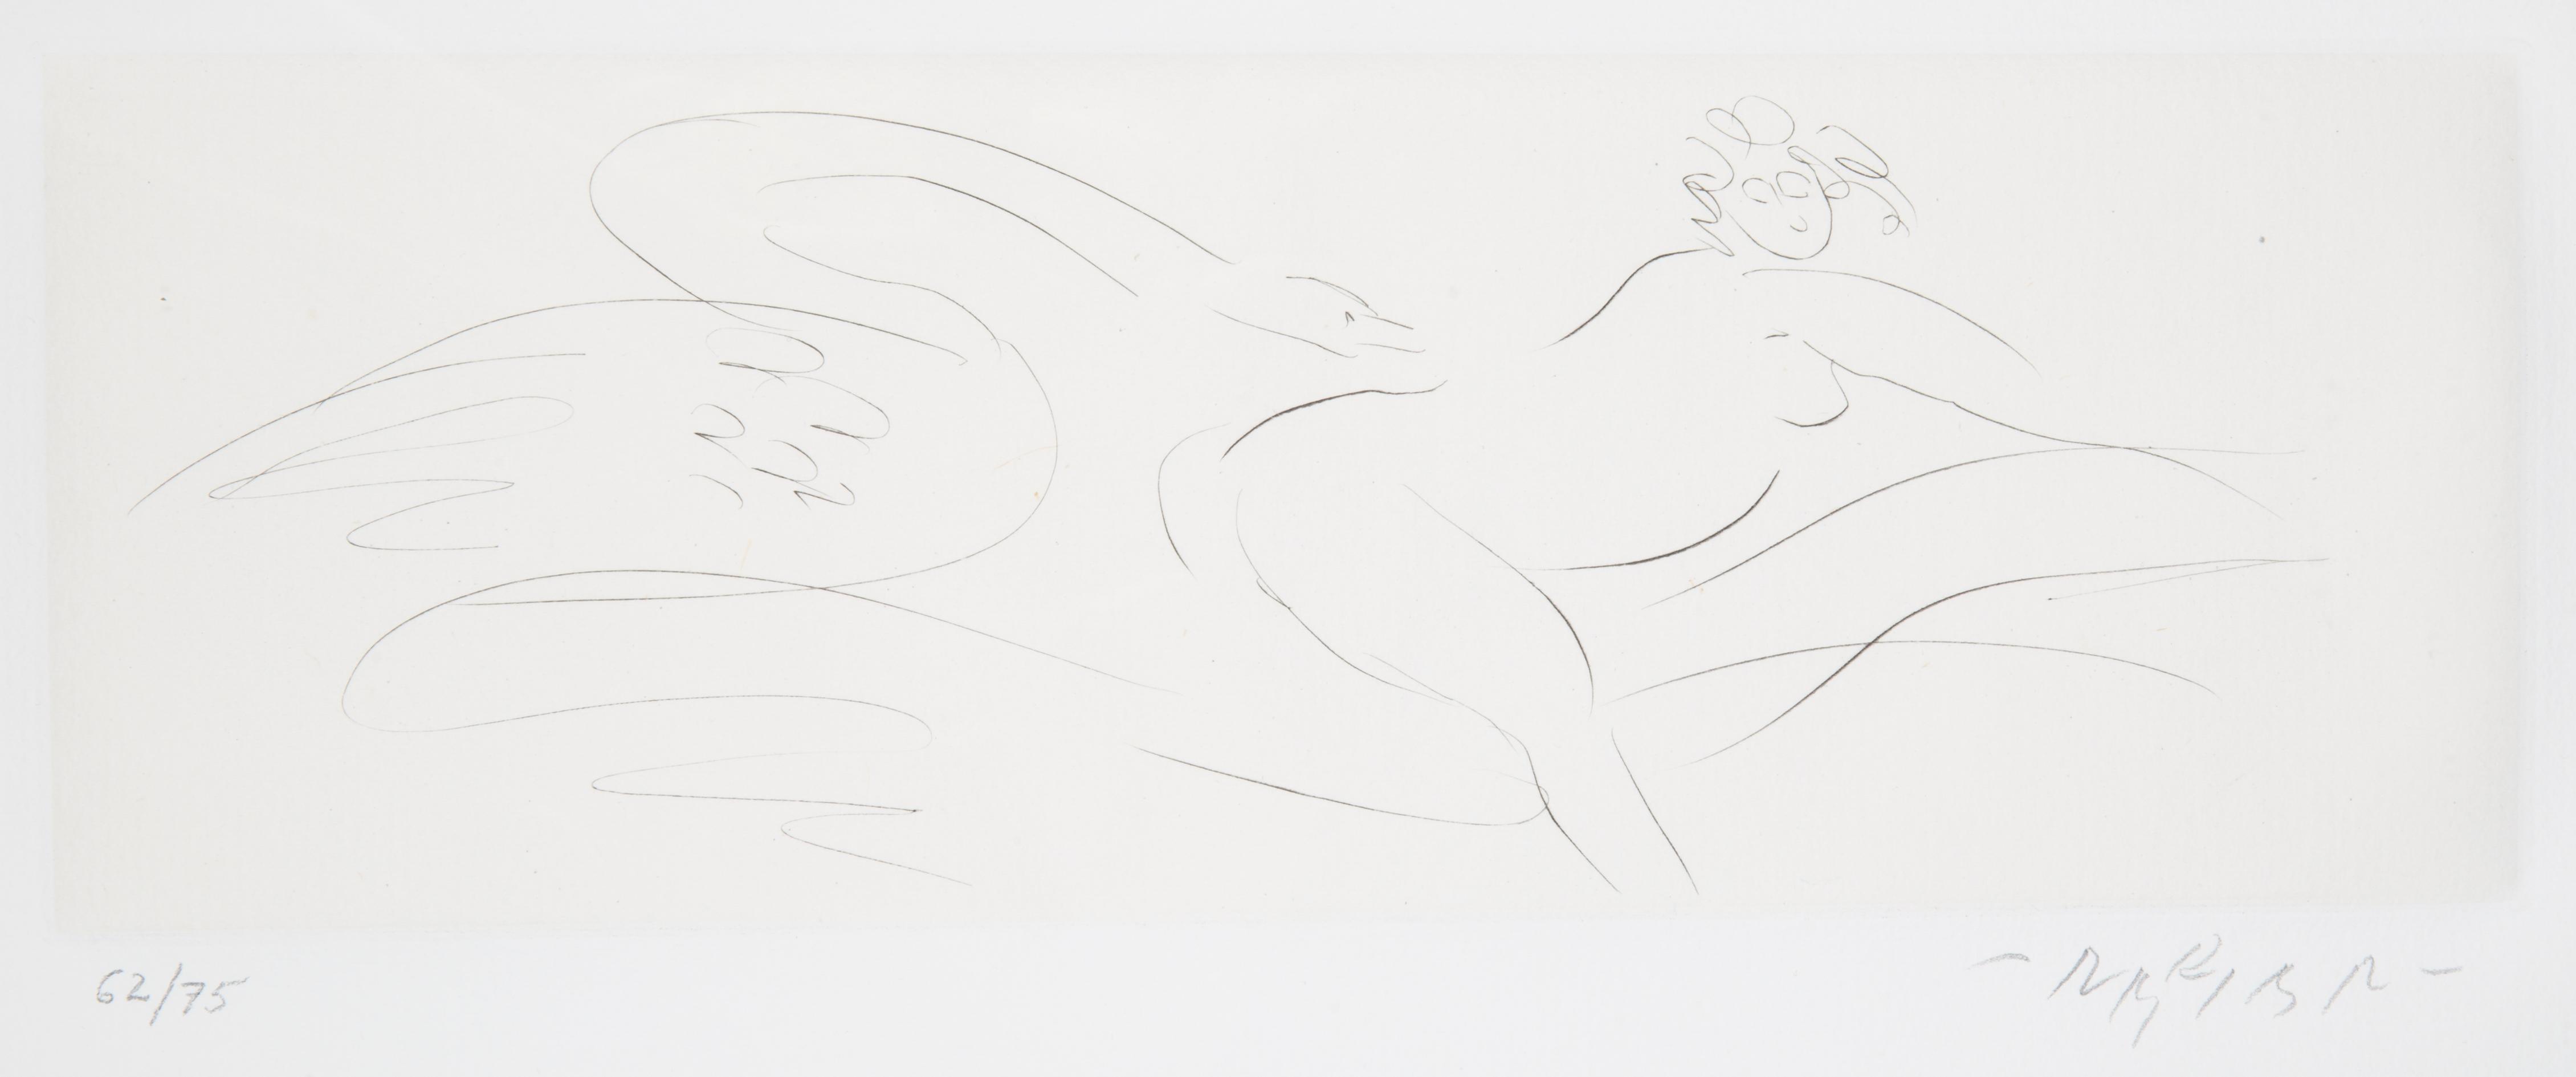 NINE ETCHINGS BY REUBEN NAKIAN (AMERICAN 1897-1986) - Image 16 of 18